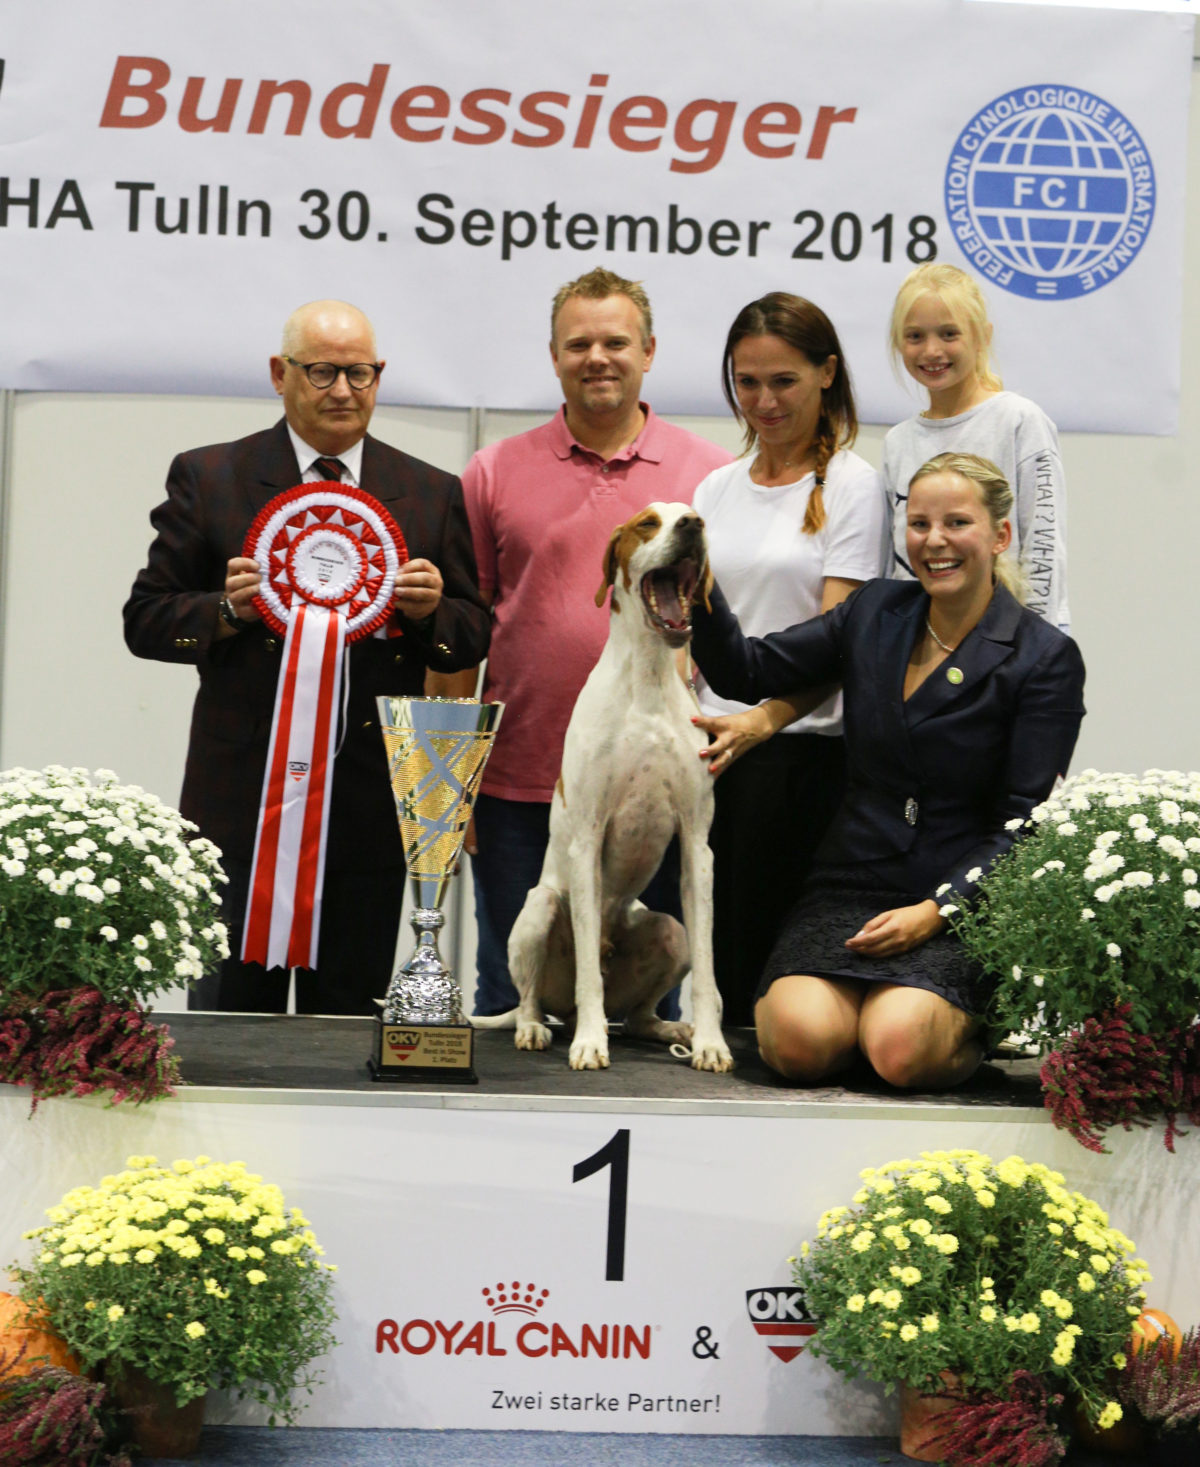 Bundessieger Tulln 2018